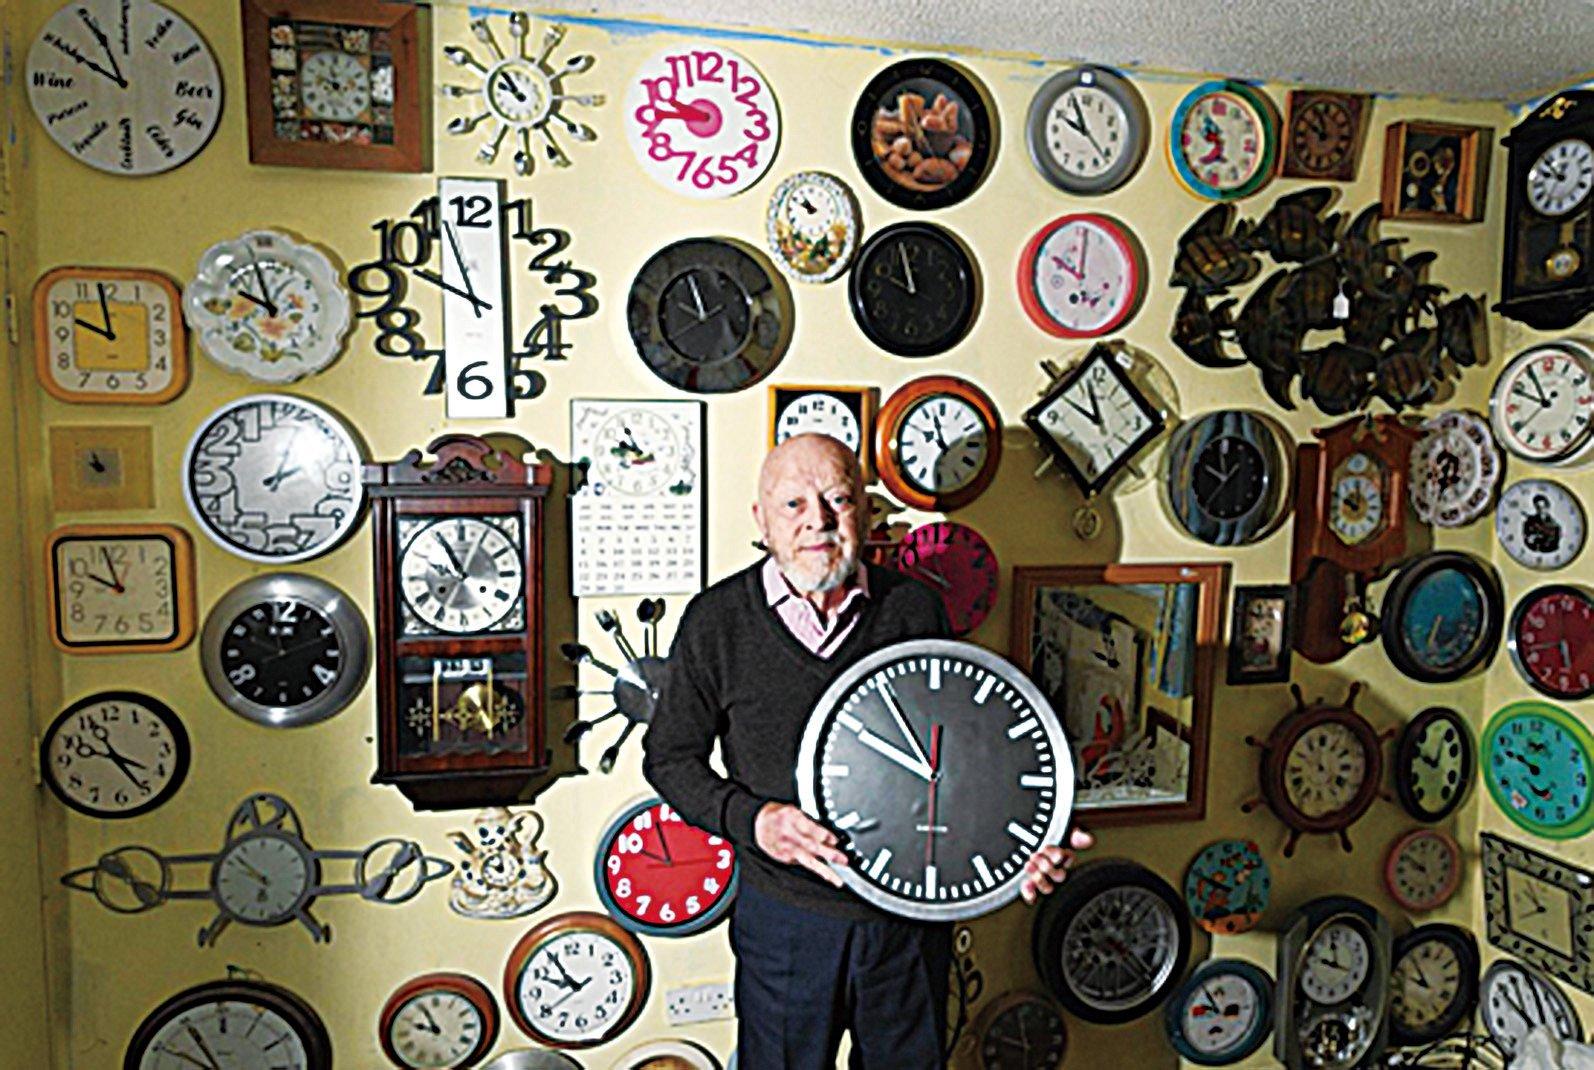 住在英國漢普郡的羅伊韋斯特(Roy West)的家裏收藏著5,000個時鐘,每逢夏令、冬令要調時間,羅伊韋斯特要花5個小時才能調完所有時鐘。